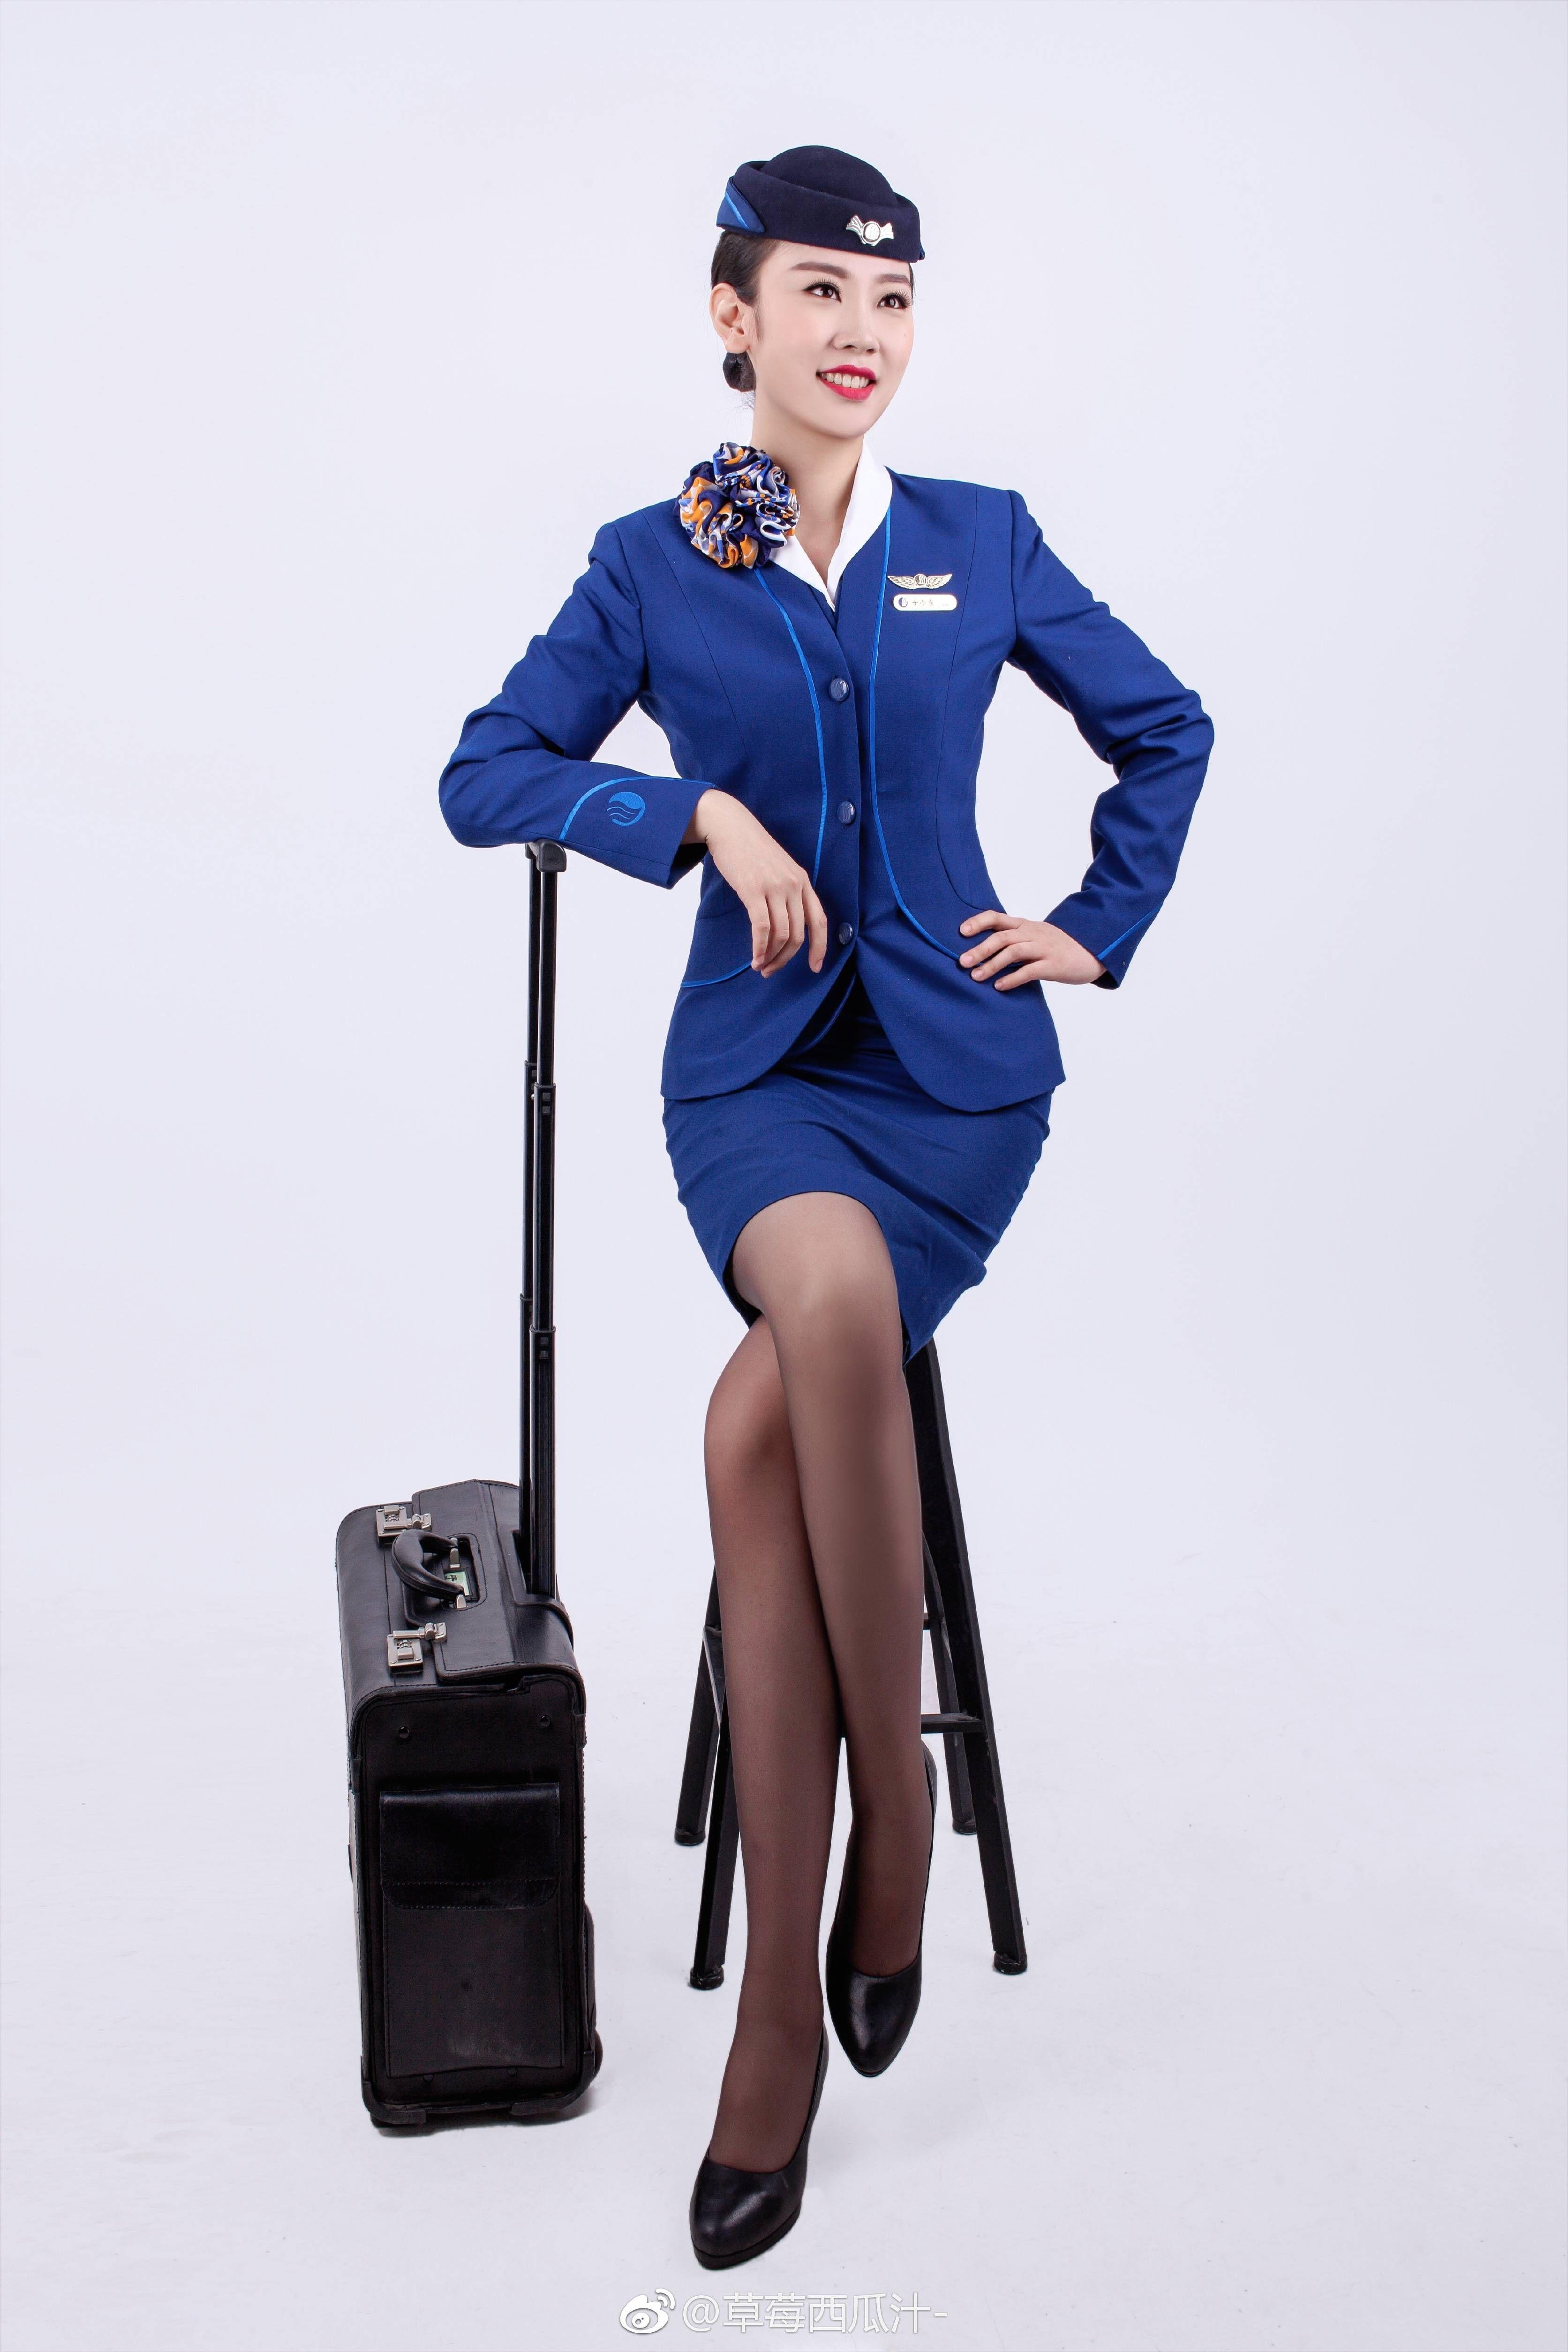 b3b13cbf590987 Hot Flight Attendant | air【2019】 | 客室乗務員、航空、飛行機